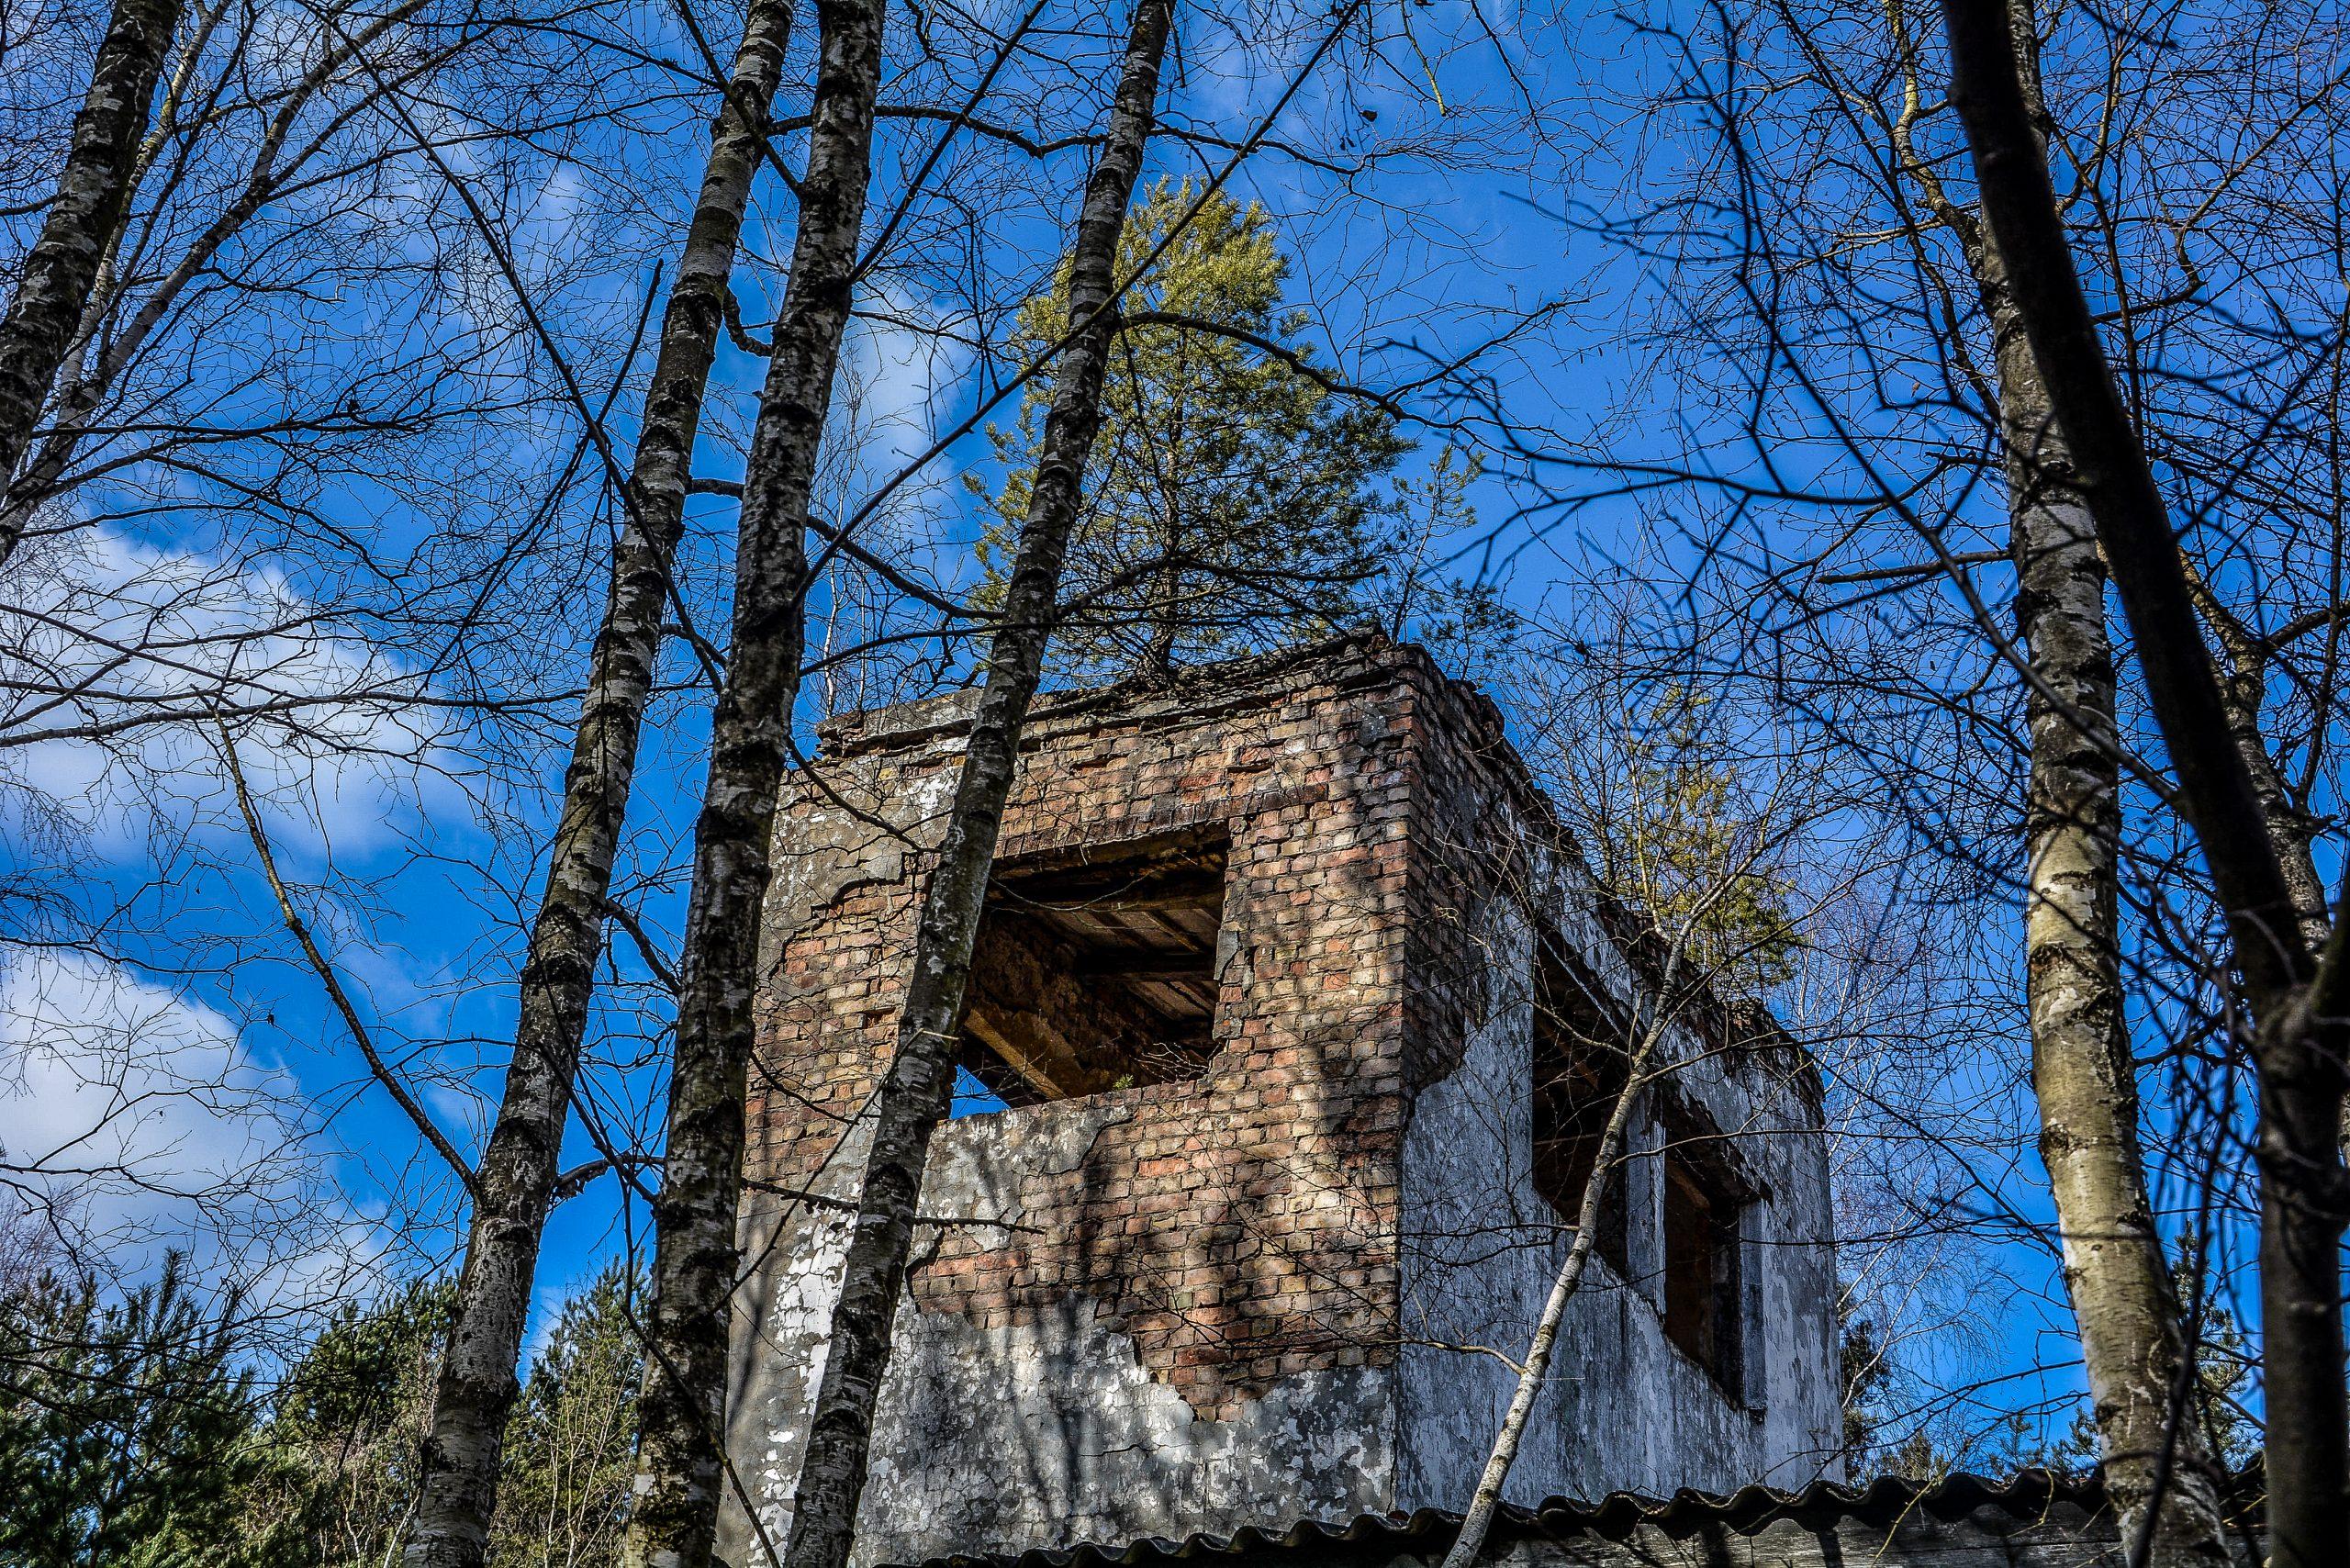 observation post tower tree forst zinna adolf hitler lager luckenwalde juterbog sowjet kaserne soviet military barracks germany lost places urbex abandoned